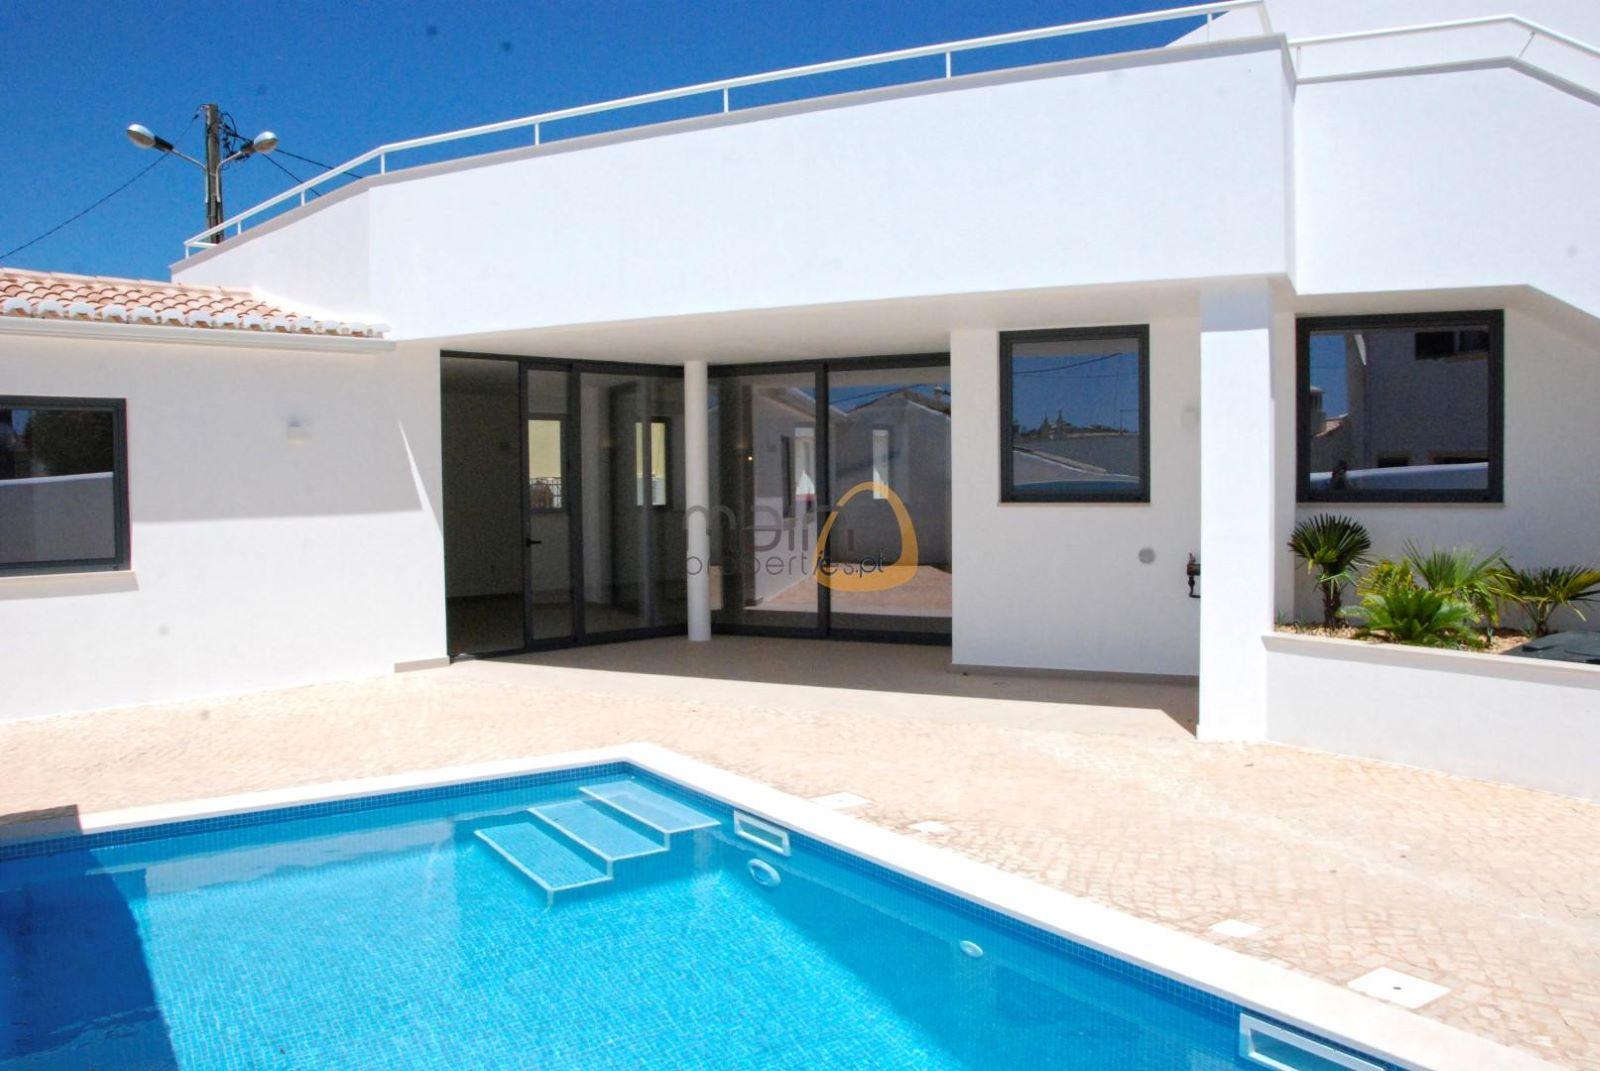 Moradia nova com 3 quartos, piscina próxima de Lagos PC335